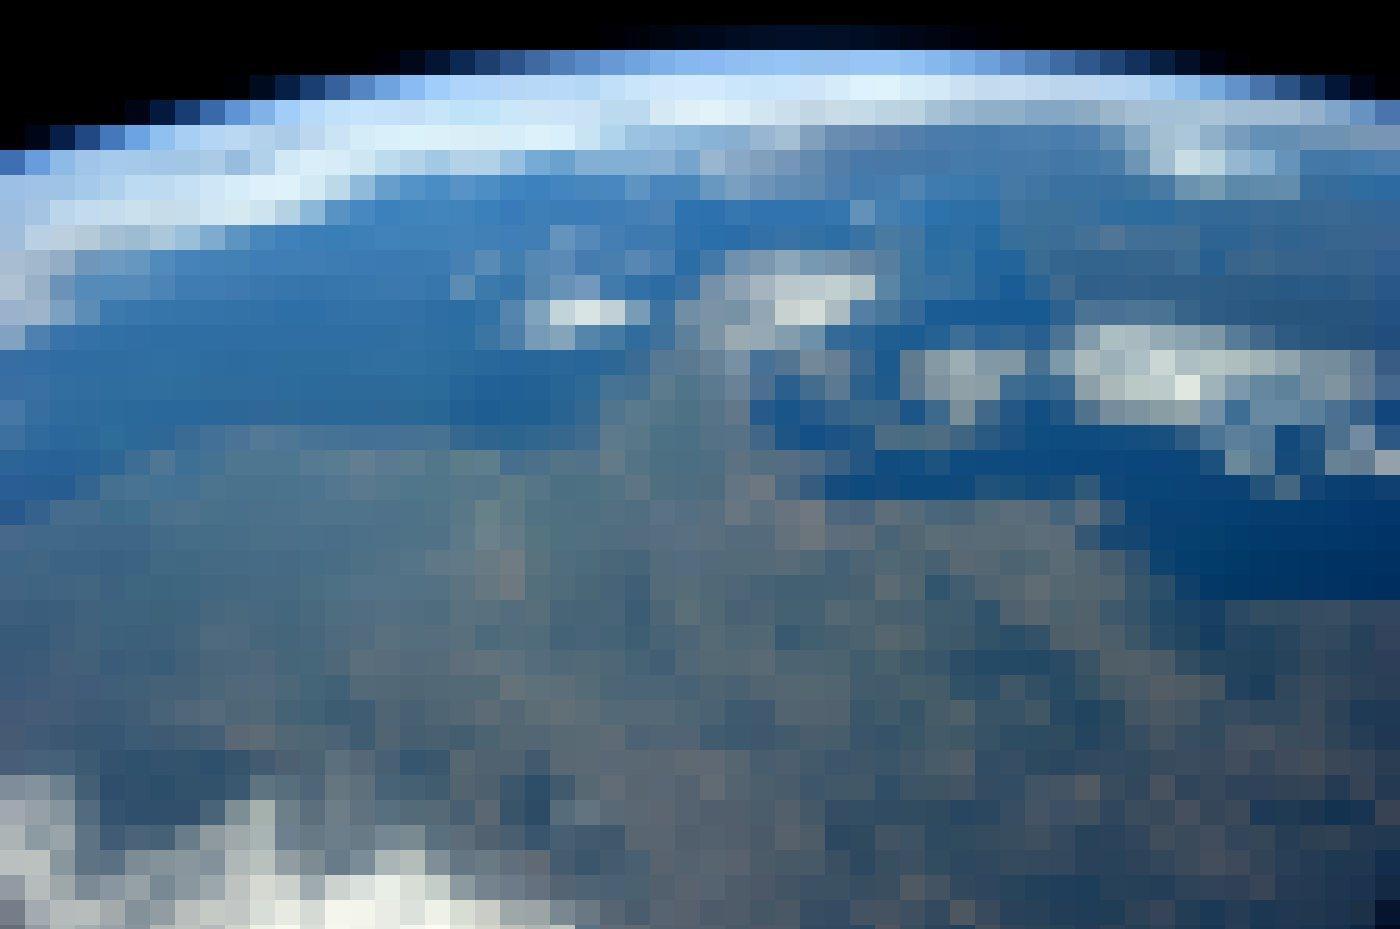 Dieses Foto zeigt Nordeuropa – und die dünne, zerbrechlich wirkende Atmosphäre, die Ulf Merbold beschreibt. Gut zu sehen ist auf dieser Aufnahme auch der zerbrechliche Nationalpark Wattenmeer, von den Westfriesischen Inseln über die Kette der Ostfriesischen Inseln bis Nordfriesland und Dänemark.